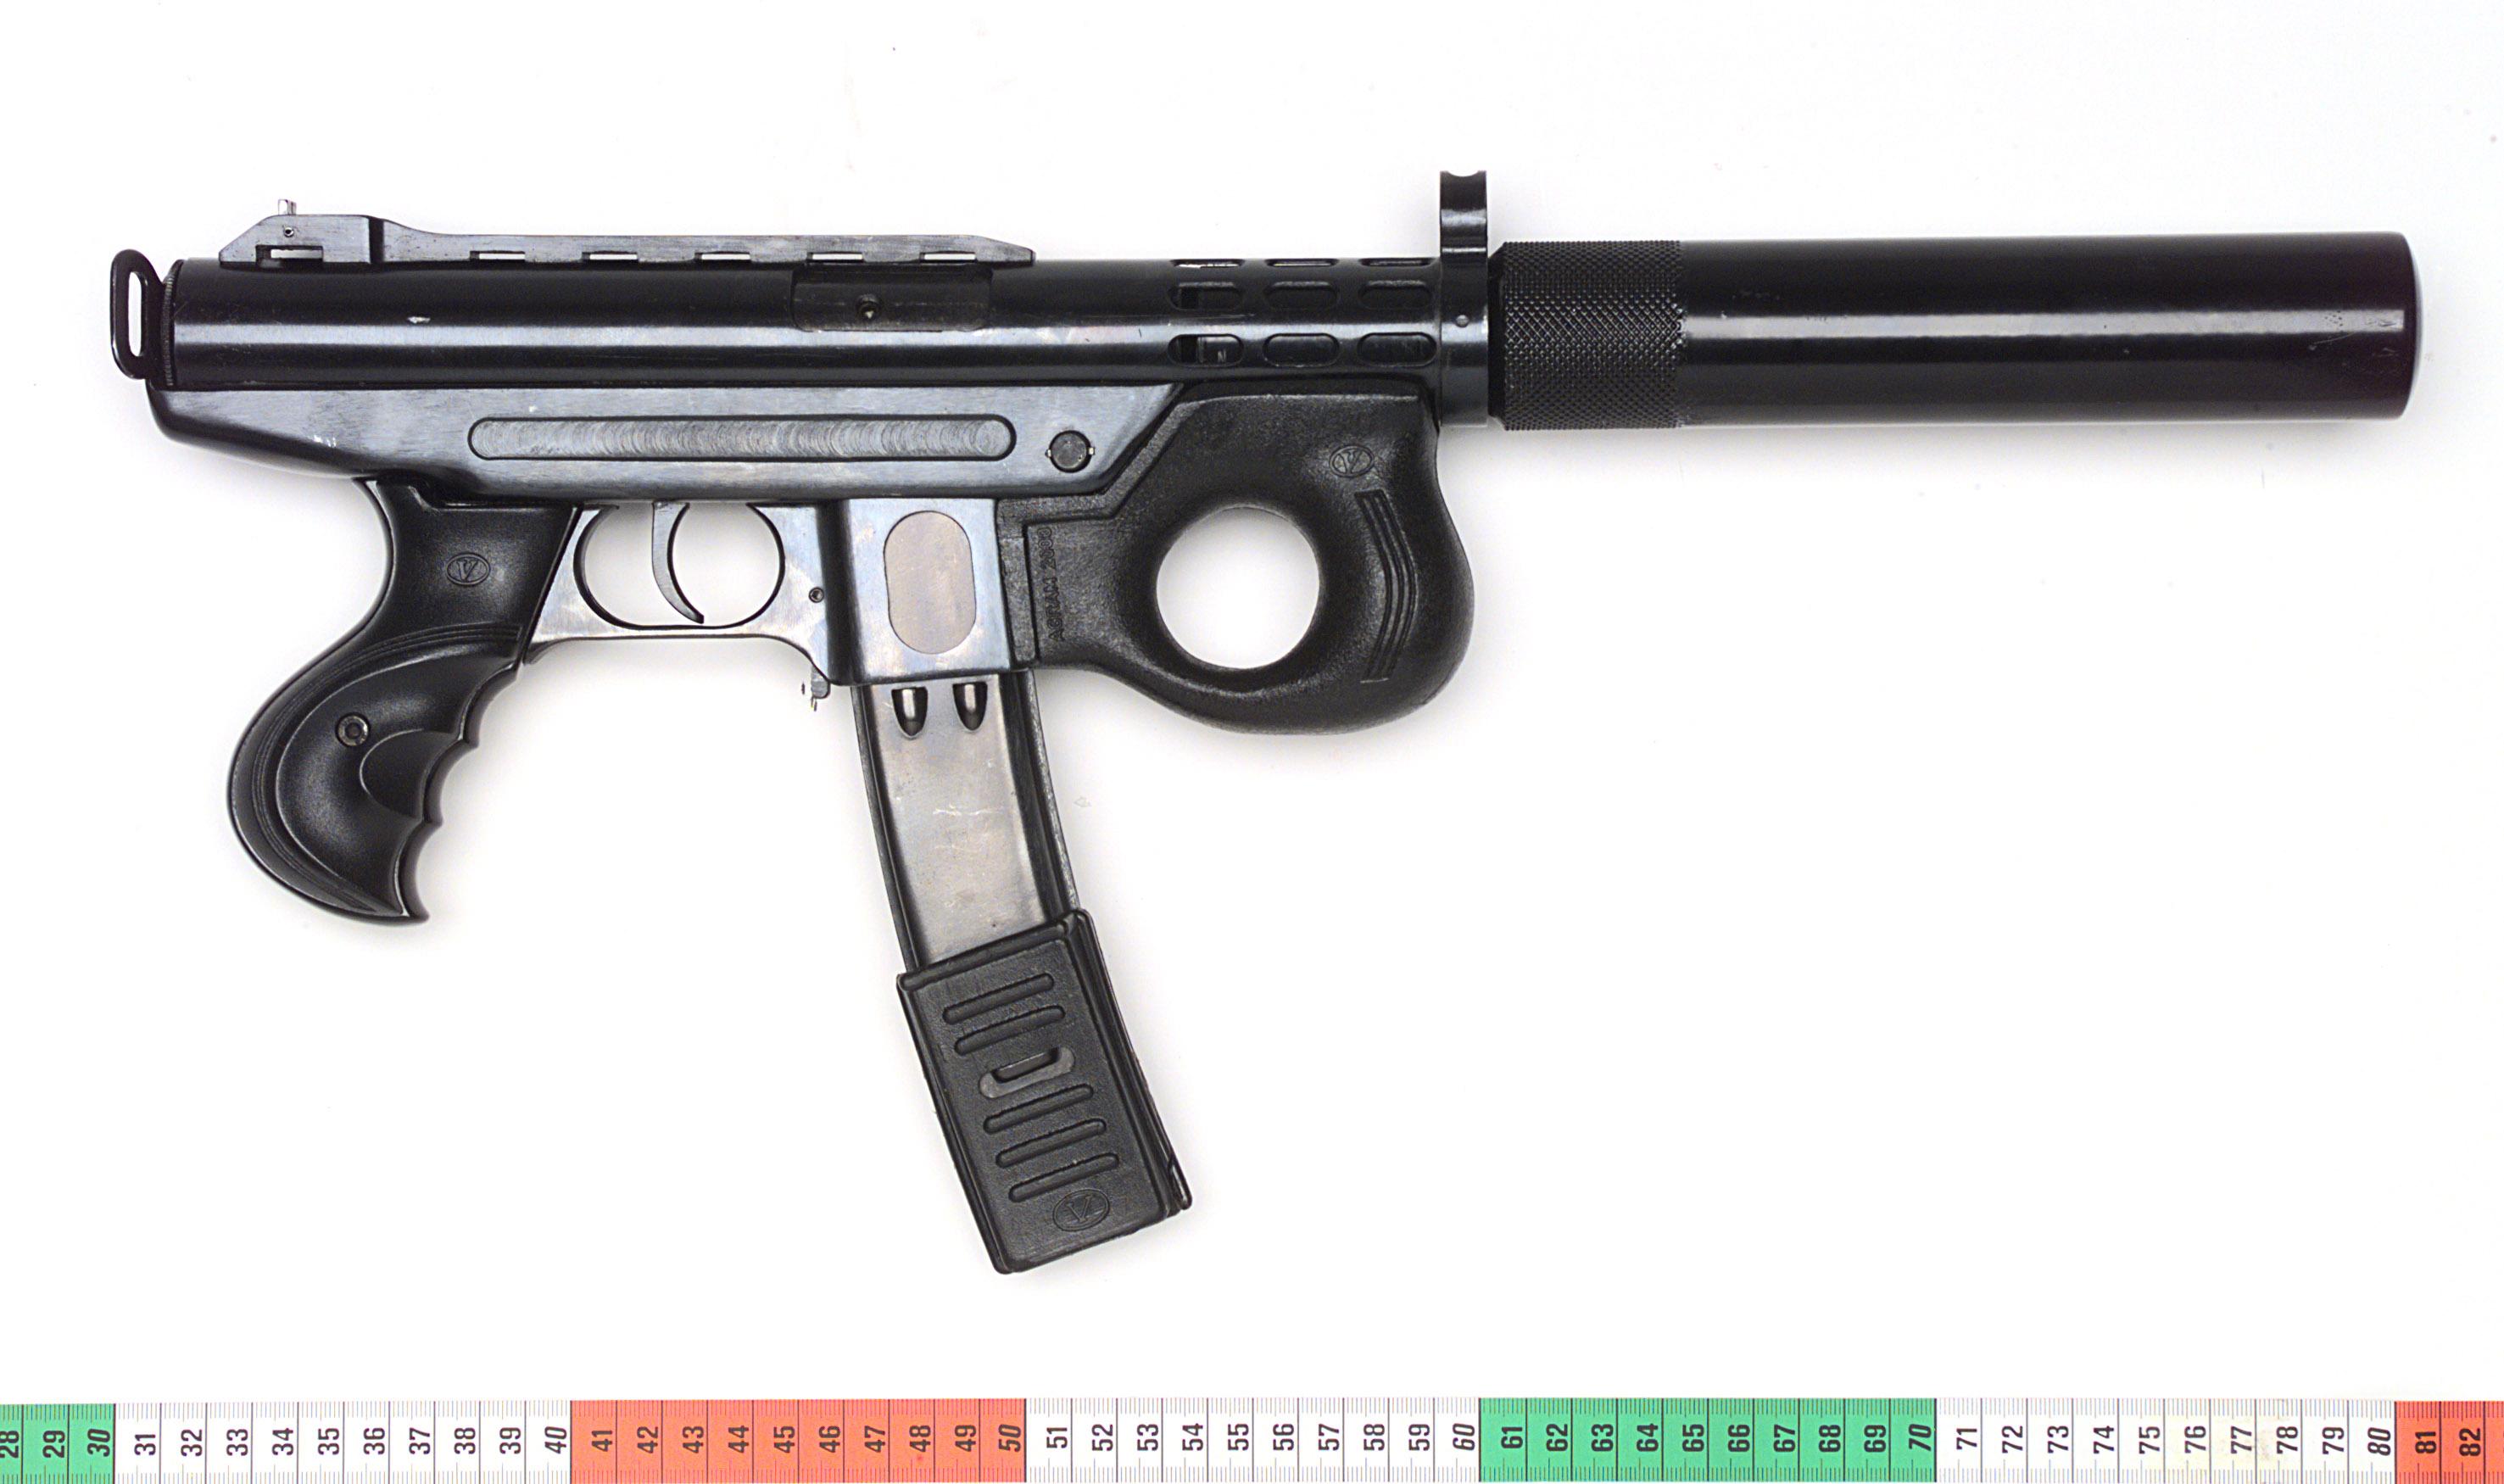 Die gleiche Waffe wie oben - hier mit Schalldämpfer.